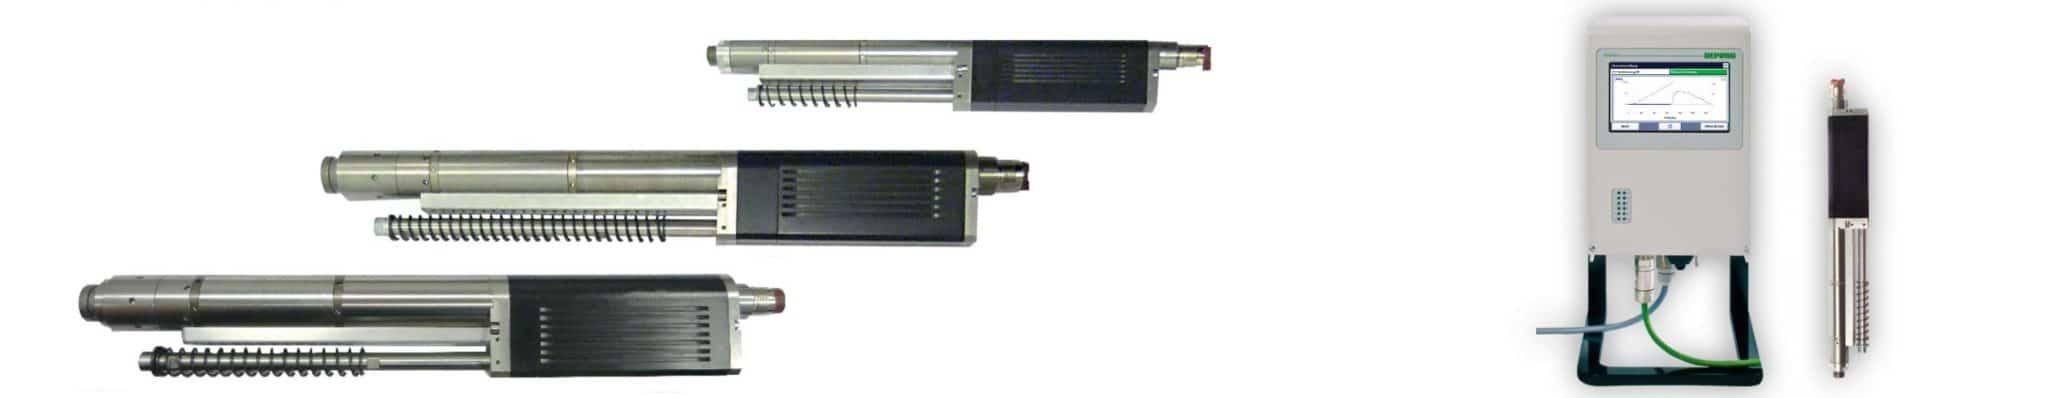 eerste brede foto product pagina MIMAT EC SERVo st. el D3161